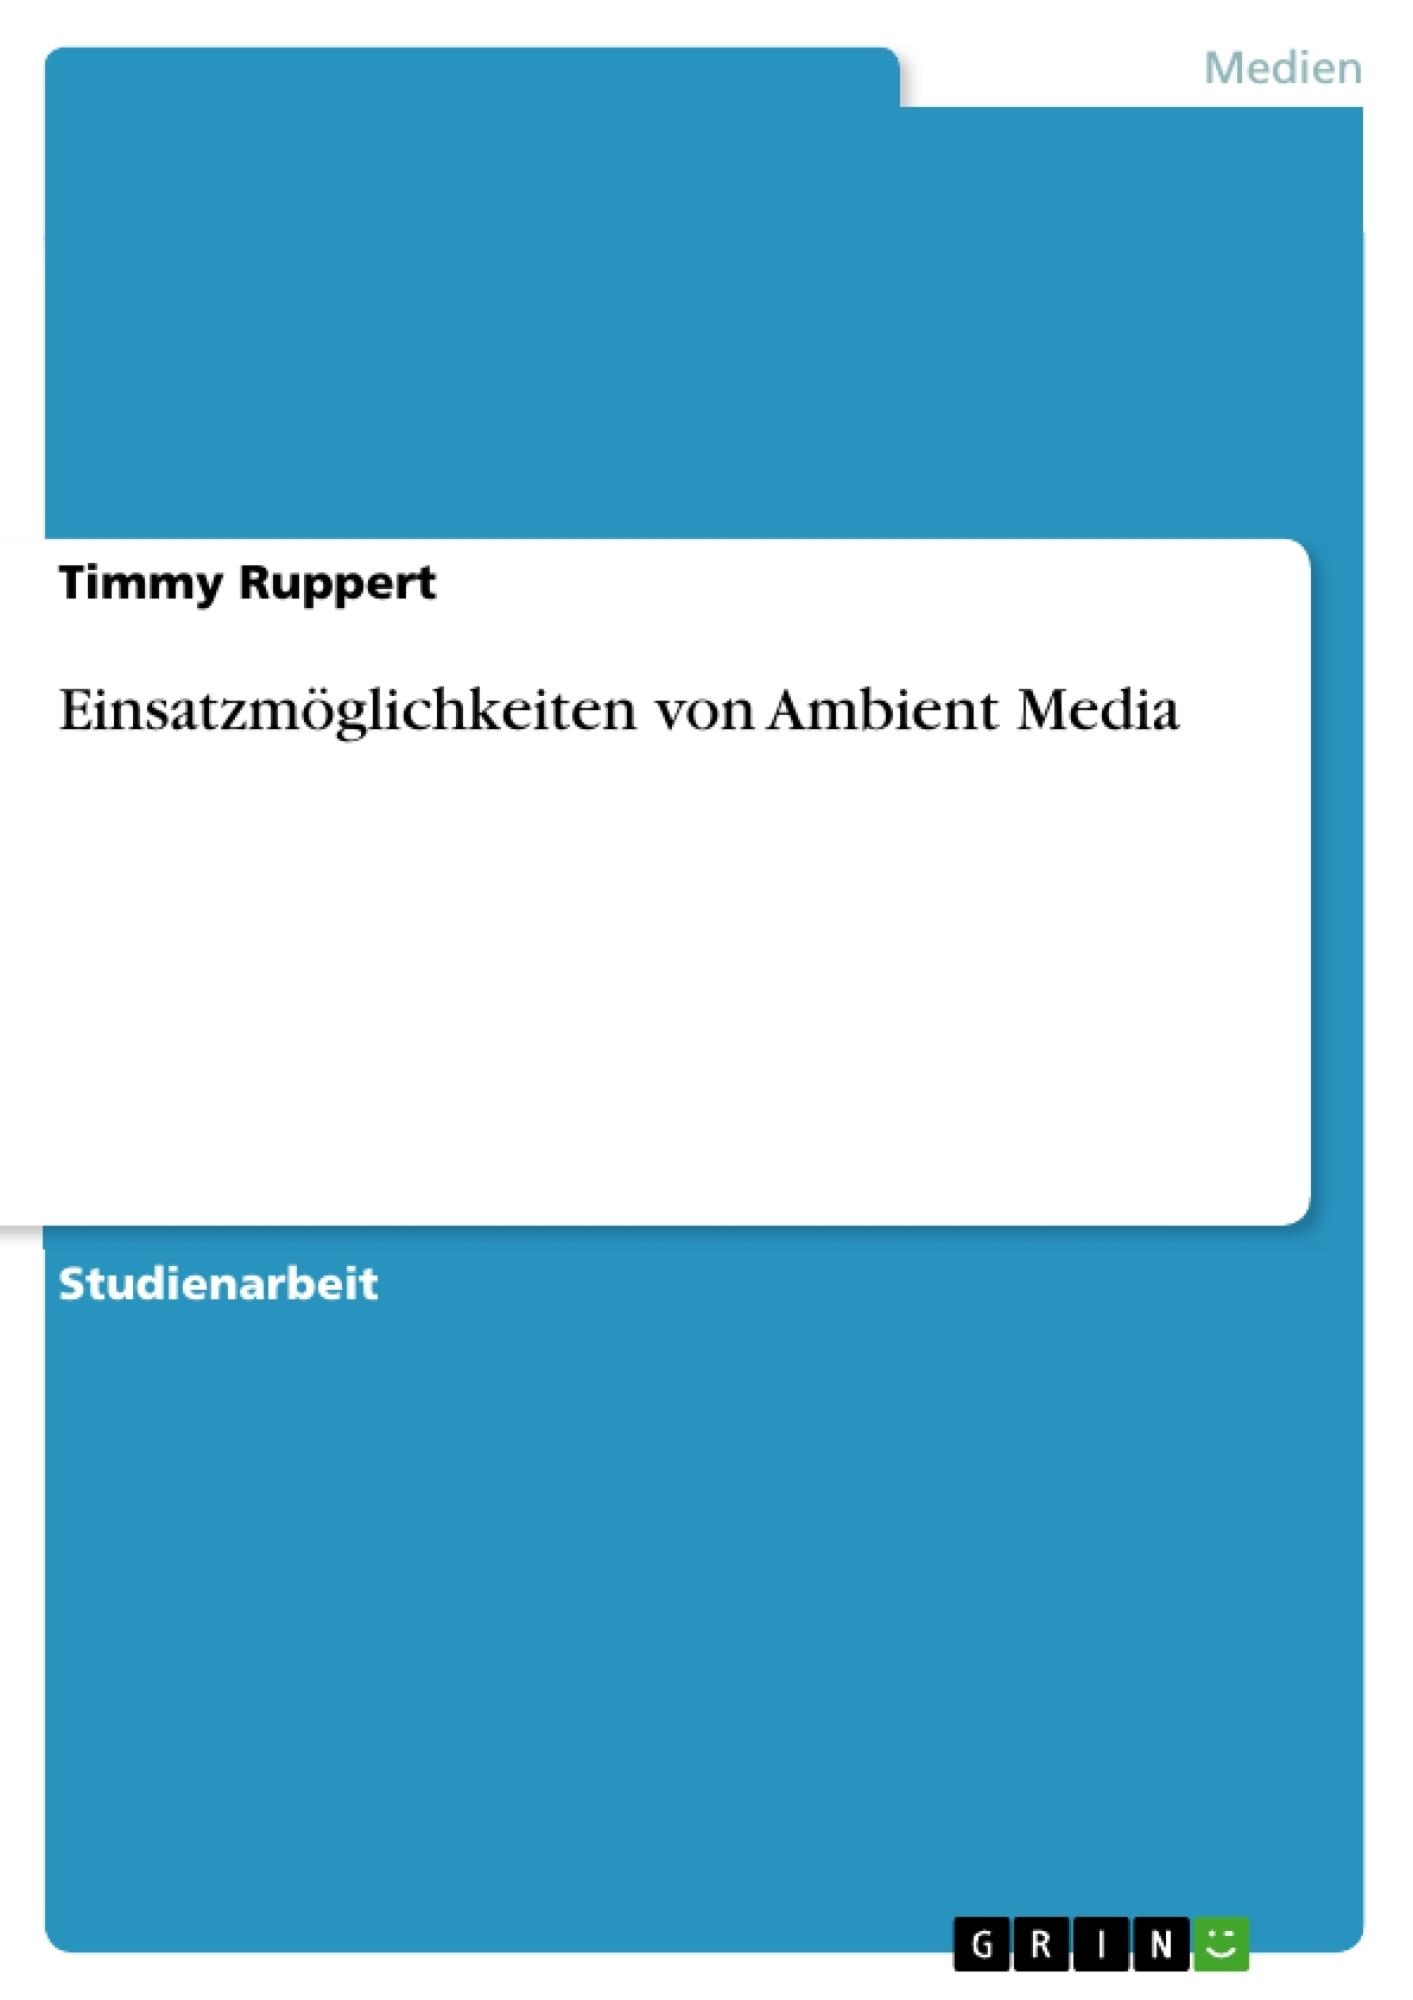 Titel: Einsatzmöglichkeiten von Ambient Media